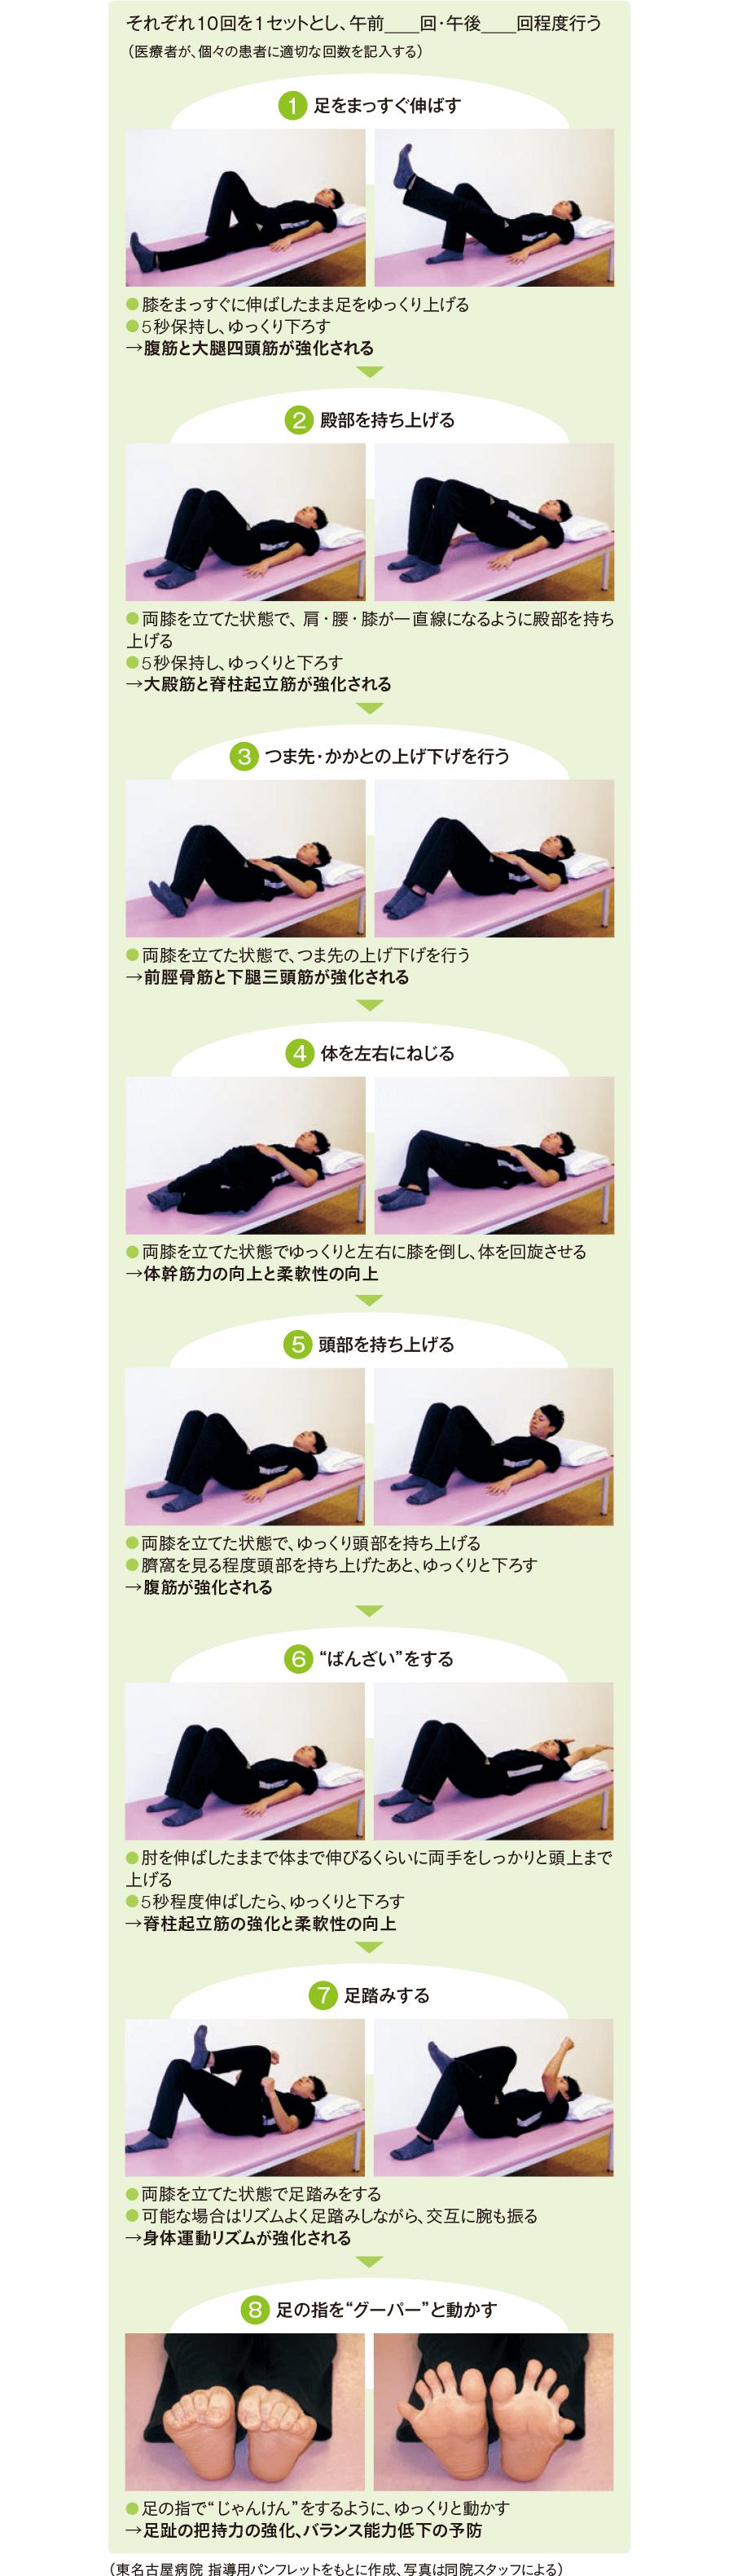 臥位姿勢でのトレーニング内容